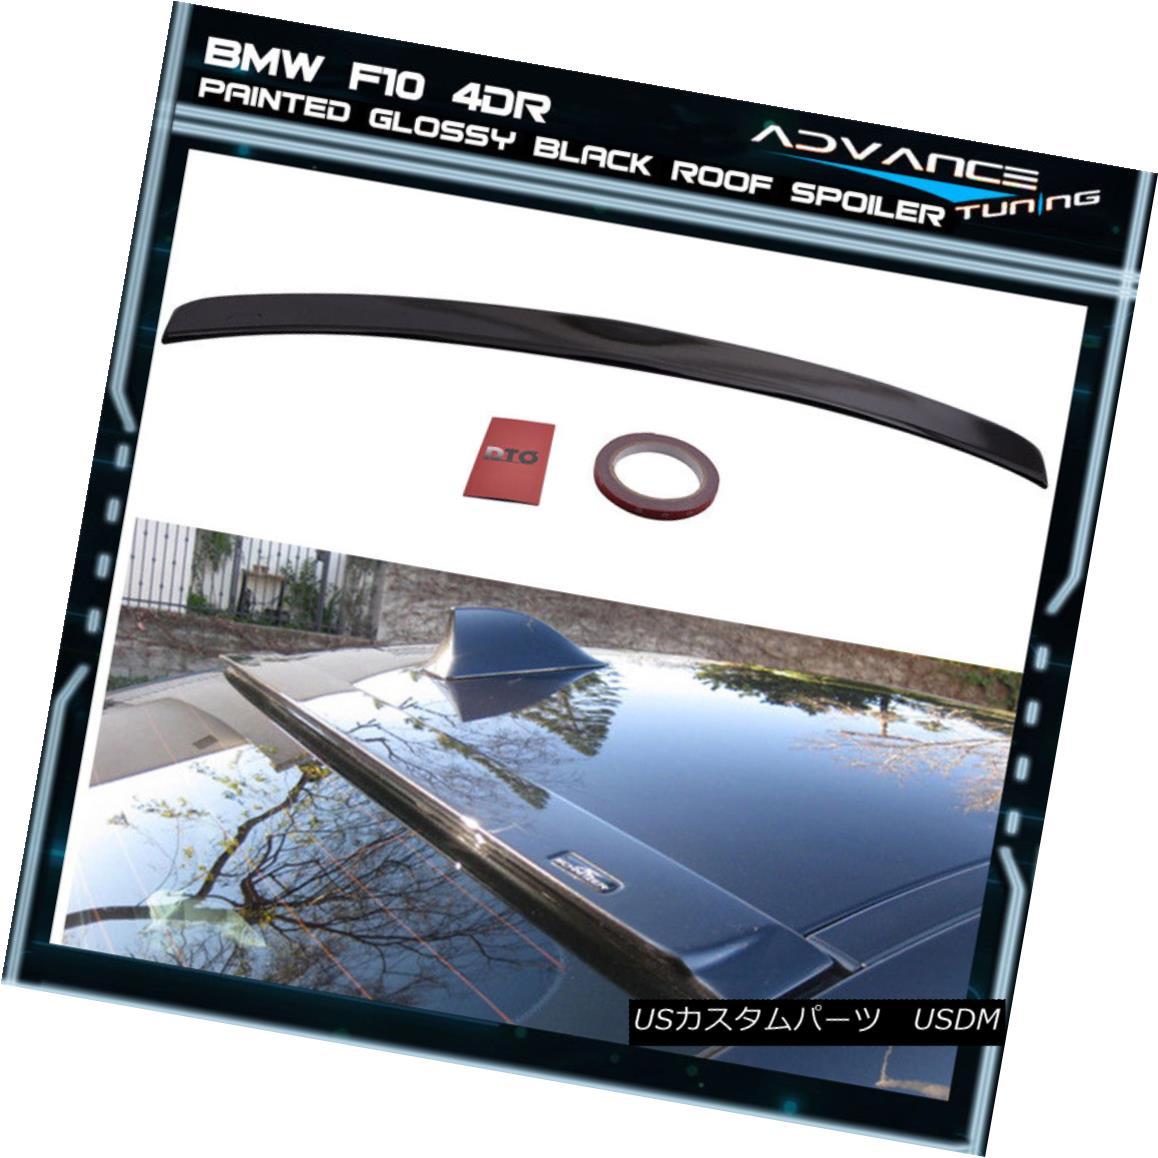 エアロパーツ Painted Glossy Black 11-16 5 Series F10 Sedan 4Dr ABS Rear AC Style Roof Spoiler 塗装光沢ブラック11-16 5シリーズF10セダン4Dr ABSリアACスタイルルーフスポイラー